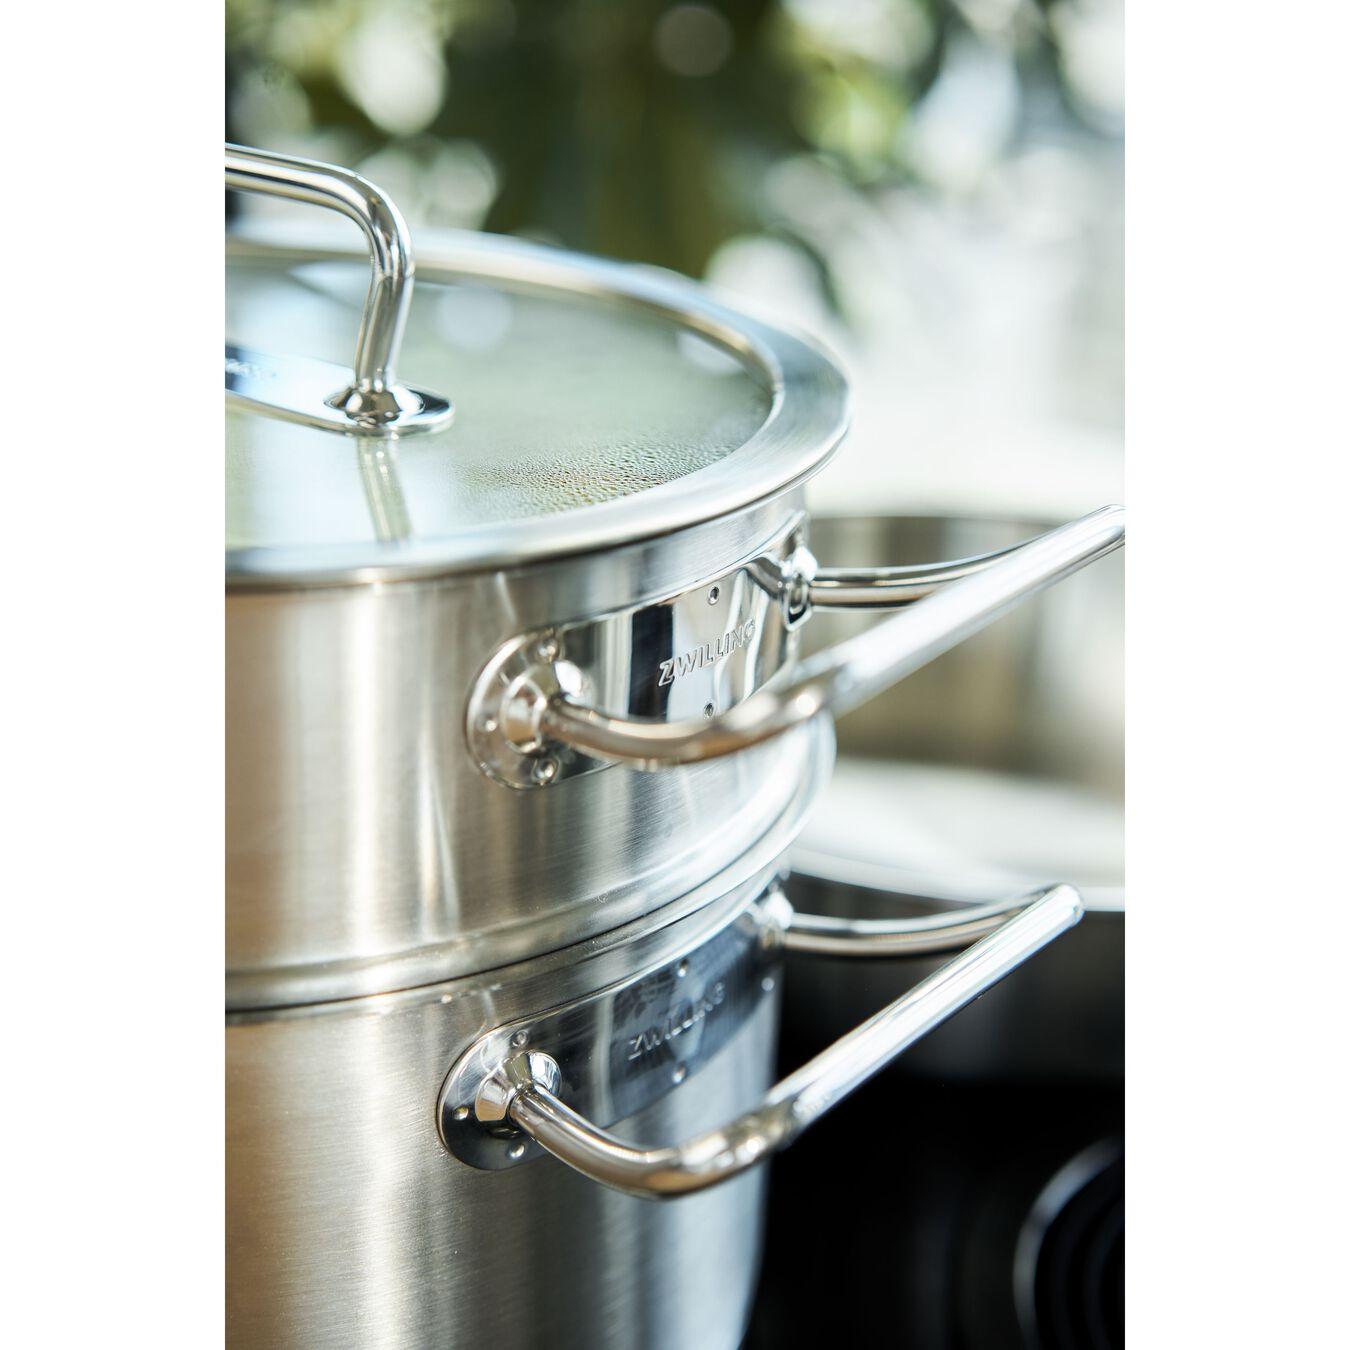 Passoire pour cuit vapeur 24 cm, Inox 18/10,,large 8